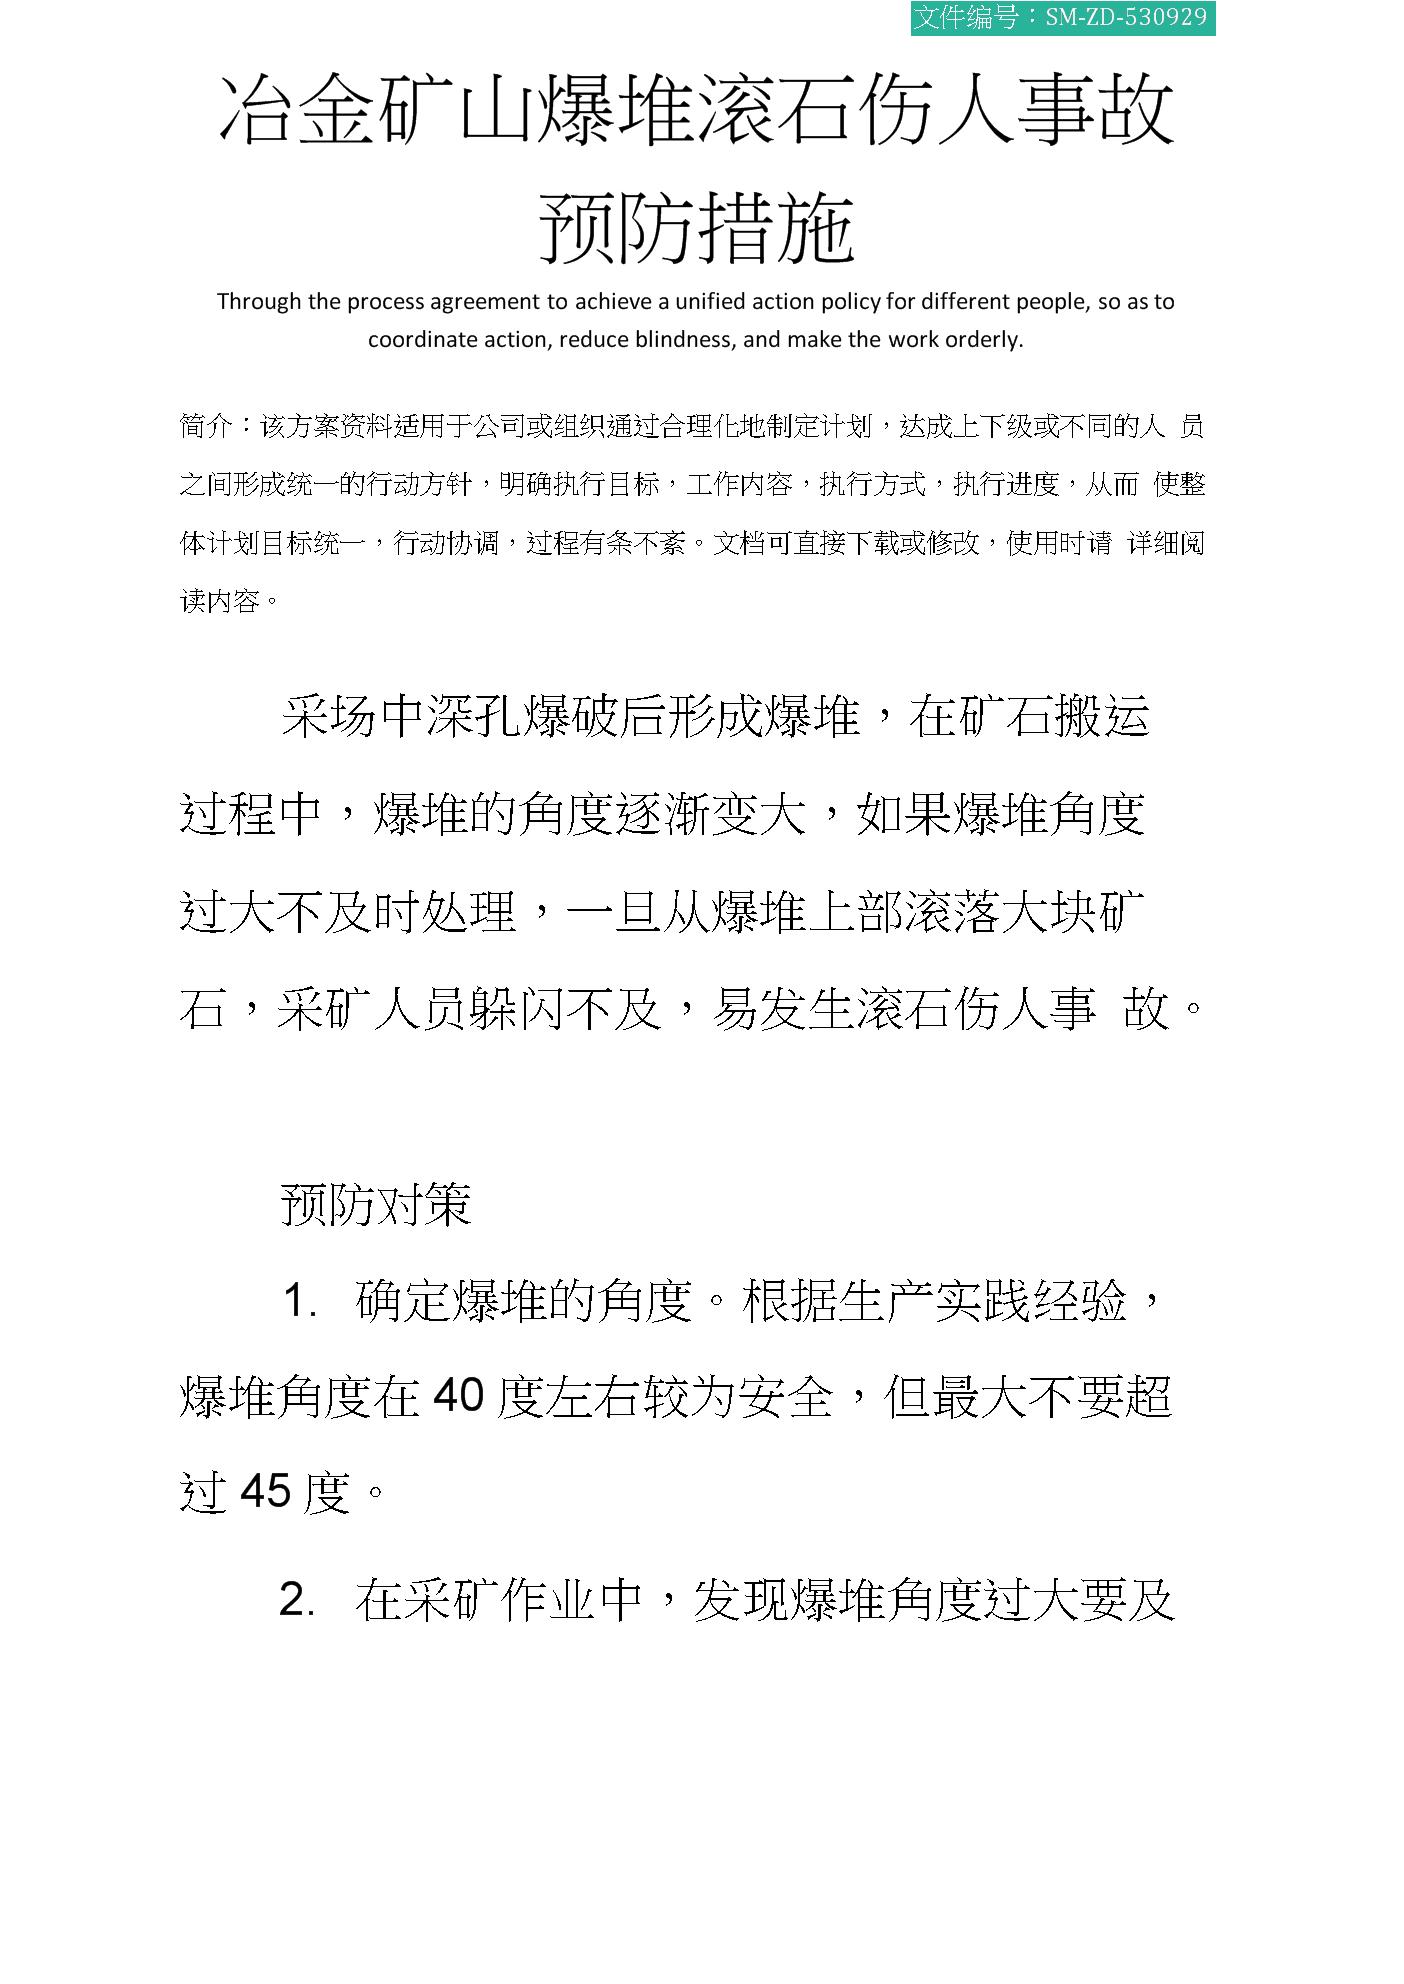 冶金矿山爆堆滚石伤人事故预防措施.docx